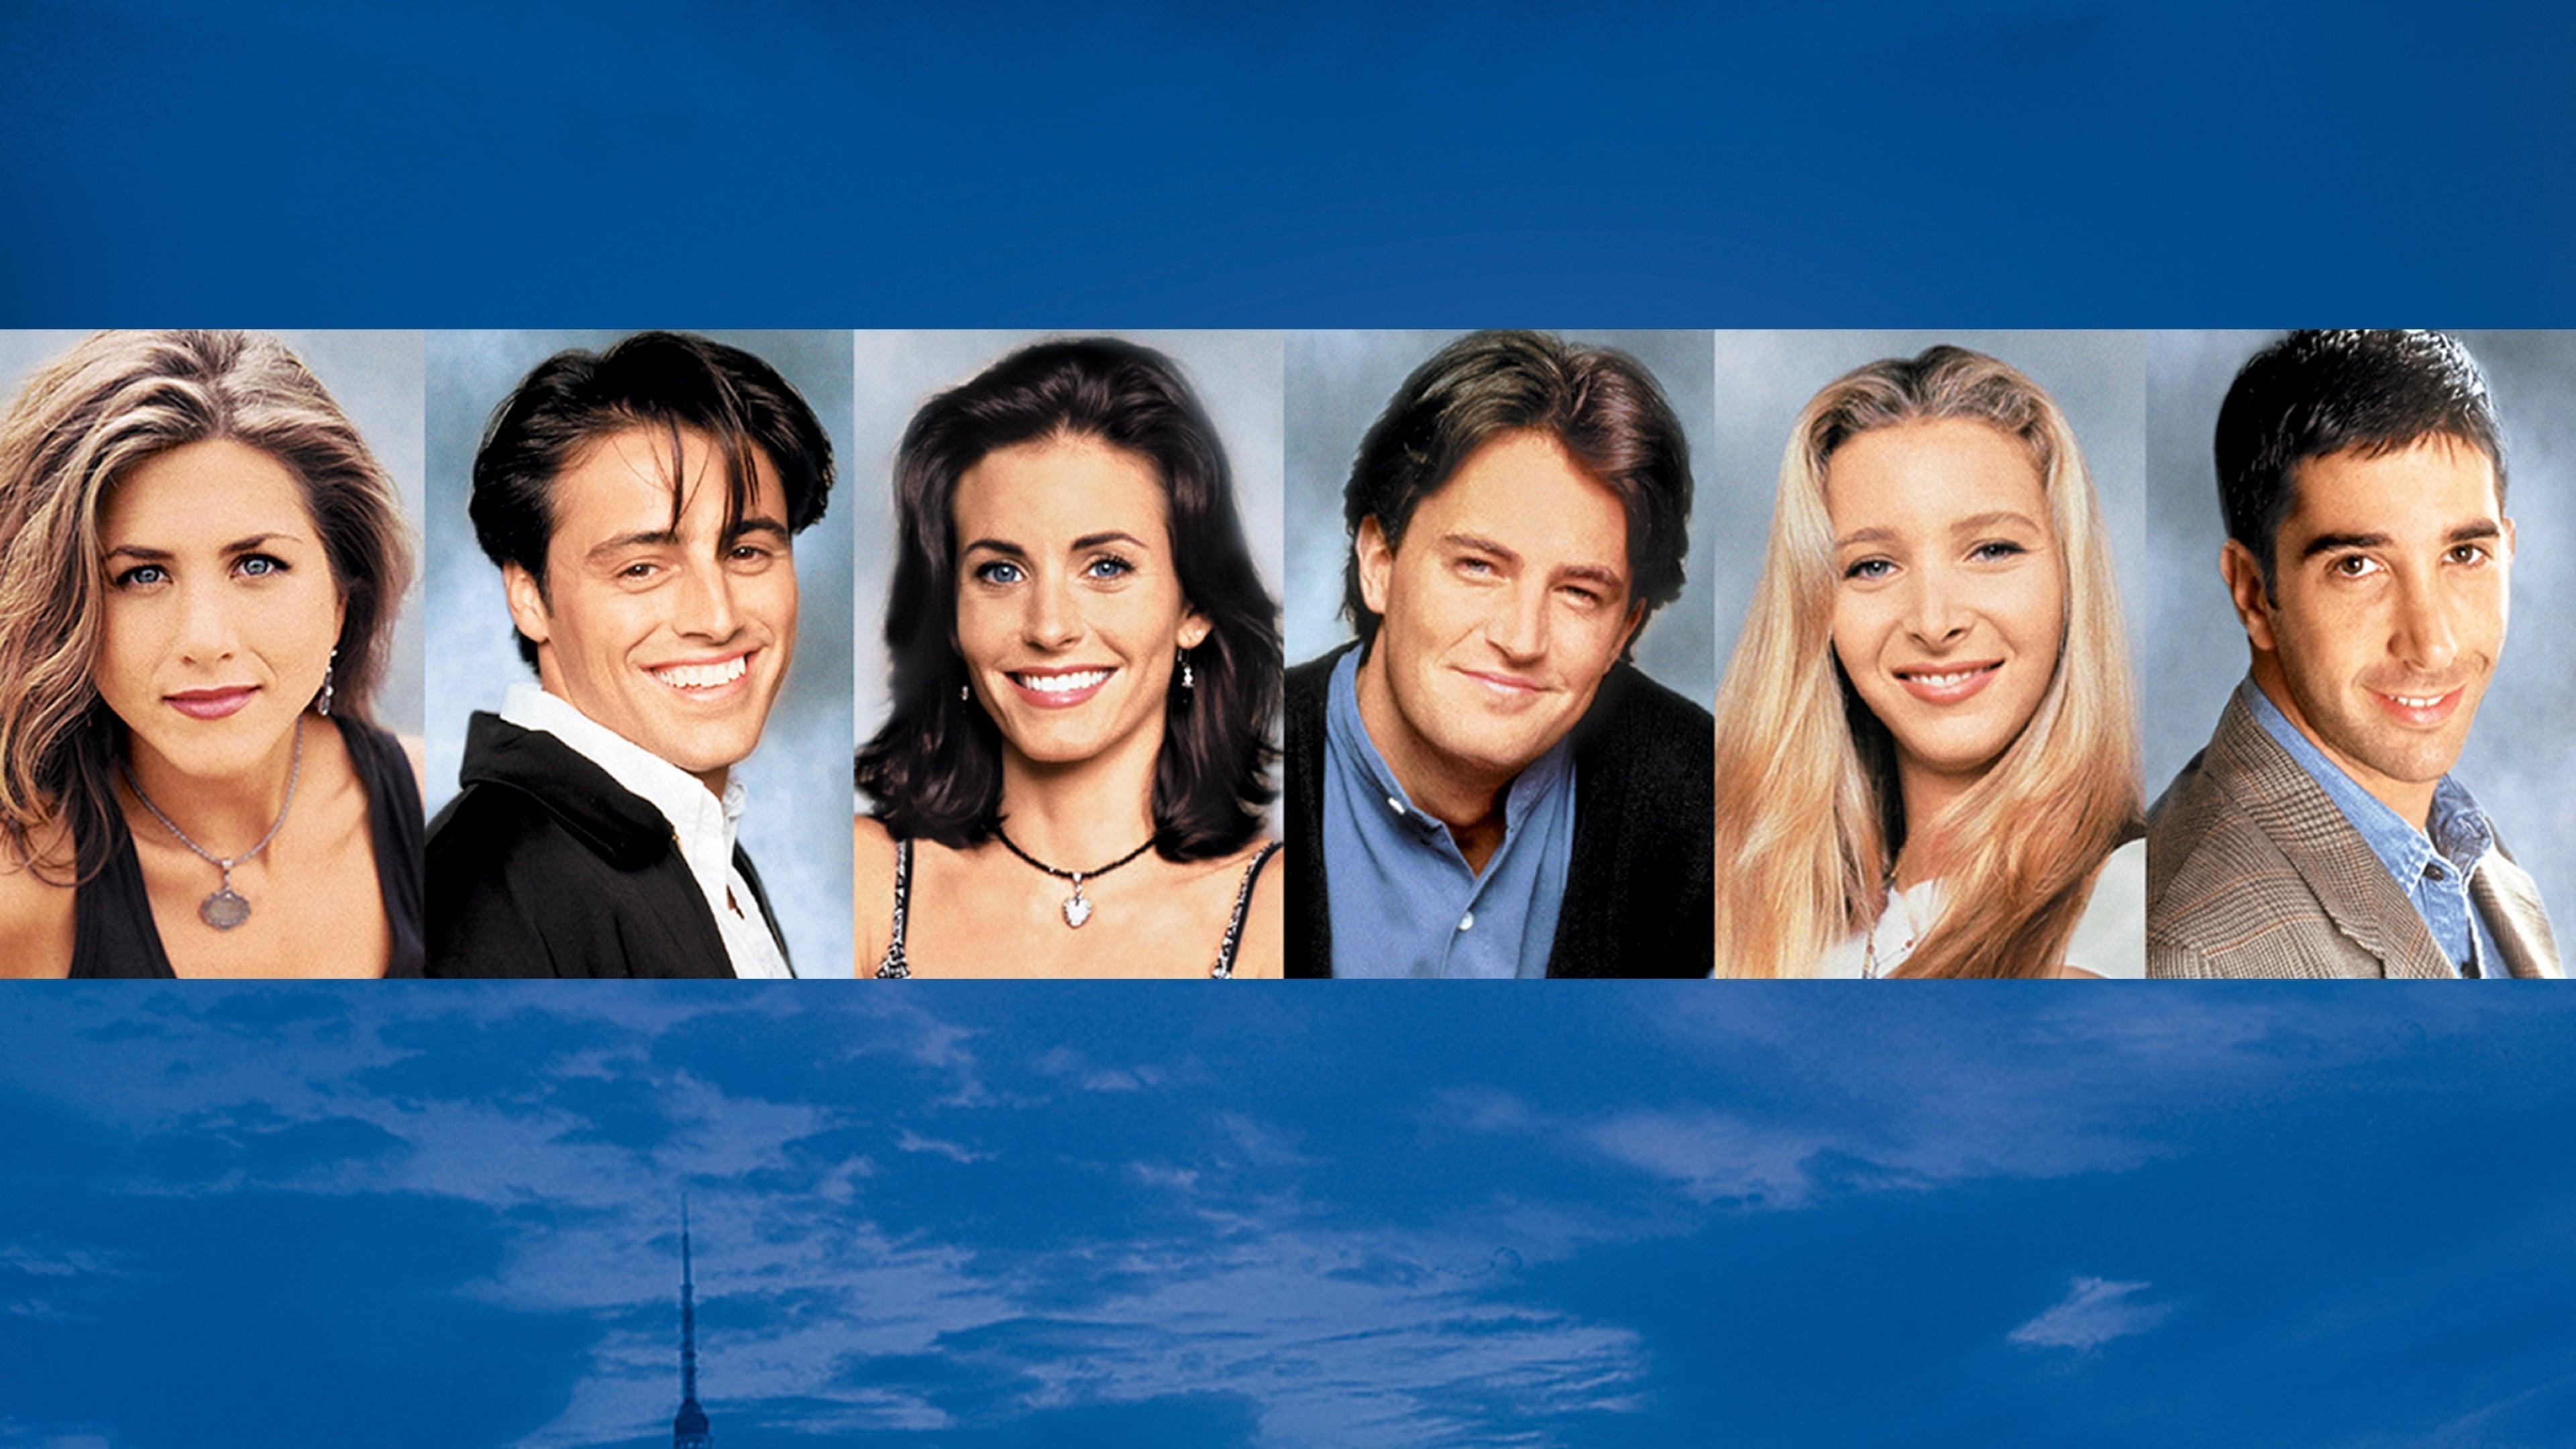 Friends - Season 10 Episode 18